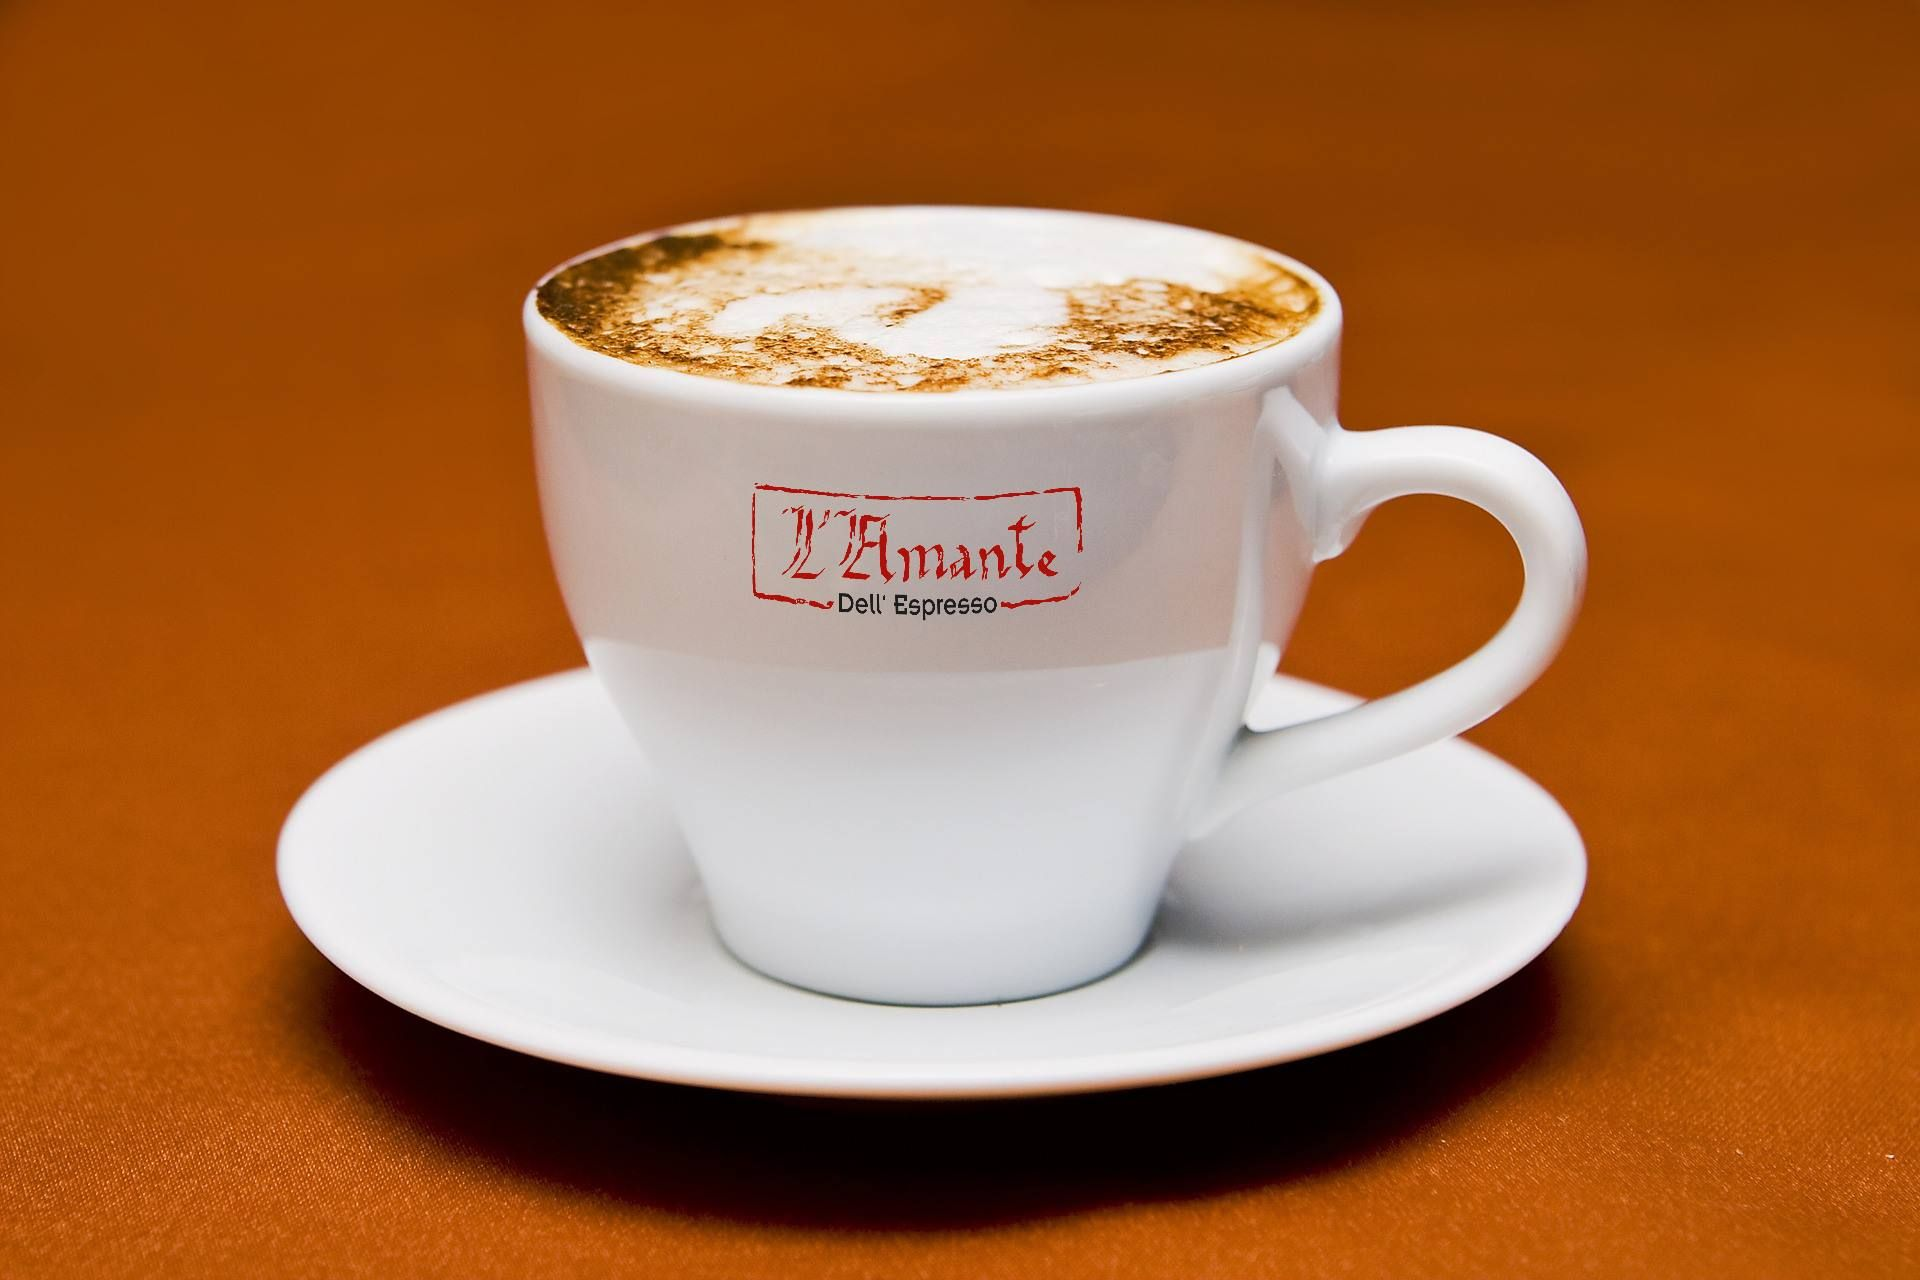 Naturlich Ist Die Grosse Wichtig Lass Dir Nichts Anderes Erzahlen Wer Mag Schon Eine Kleine Tasse Kaffee Zu Unserer Reisekaffeemaschine Kaffee Gesund Kaffee